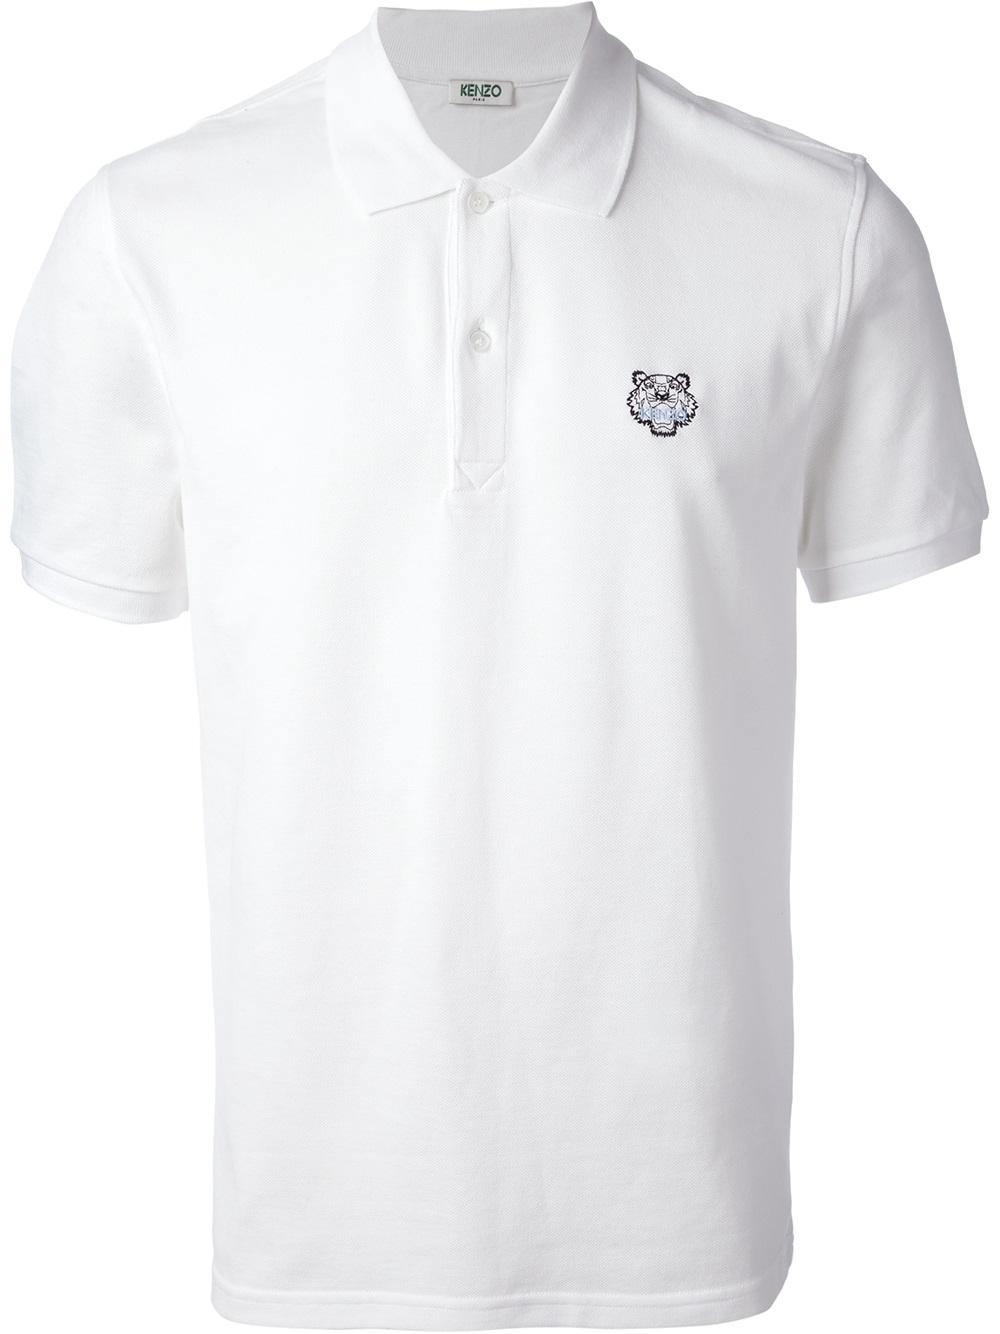 9615e6b36d KENZO Logo Print Polo Shirt in White for Men - Lyst